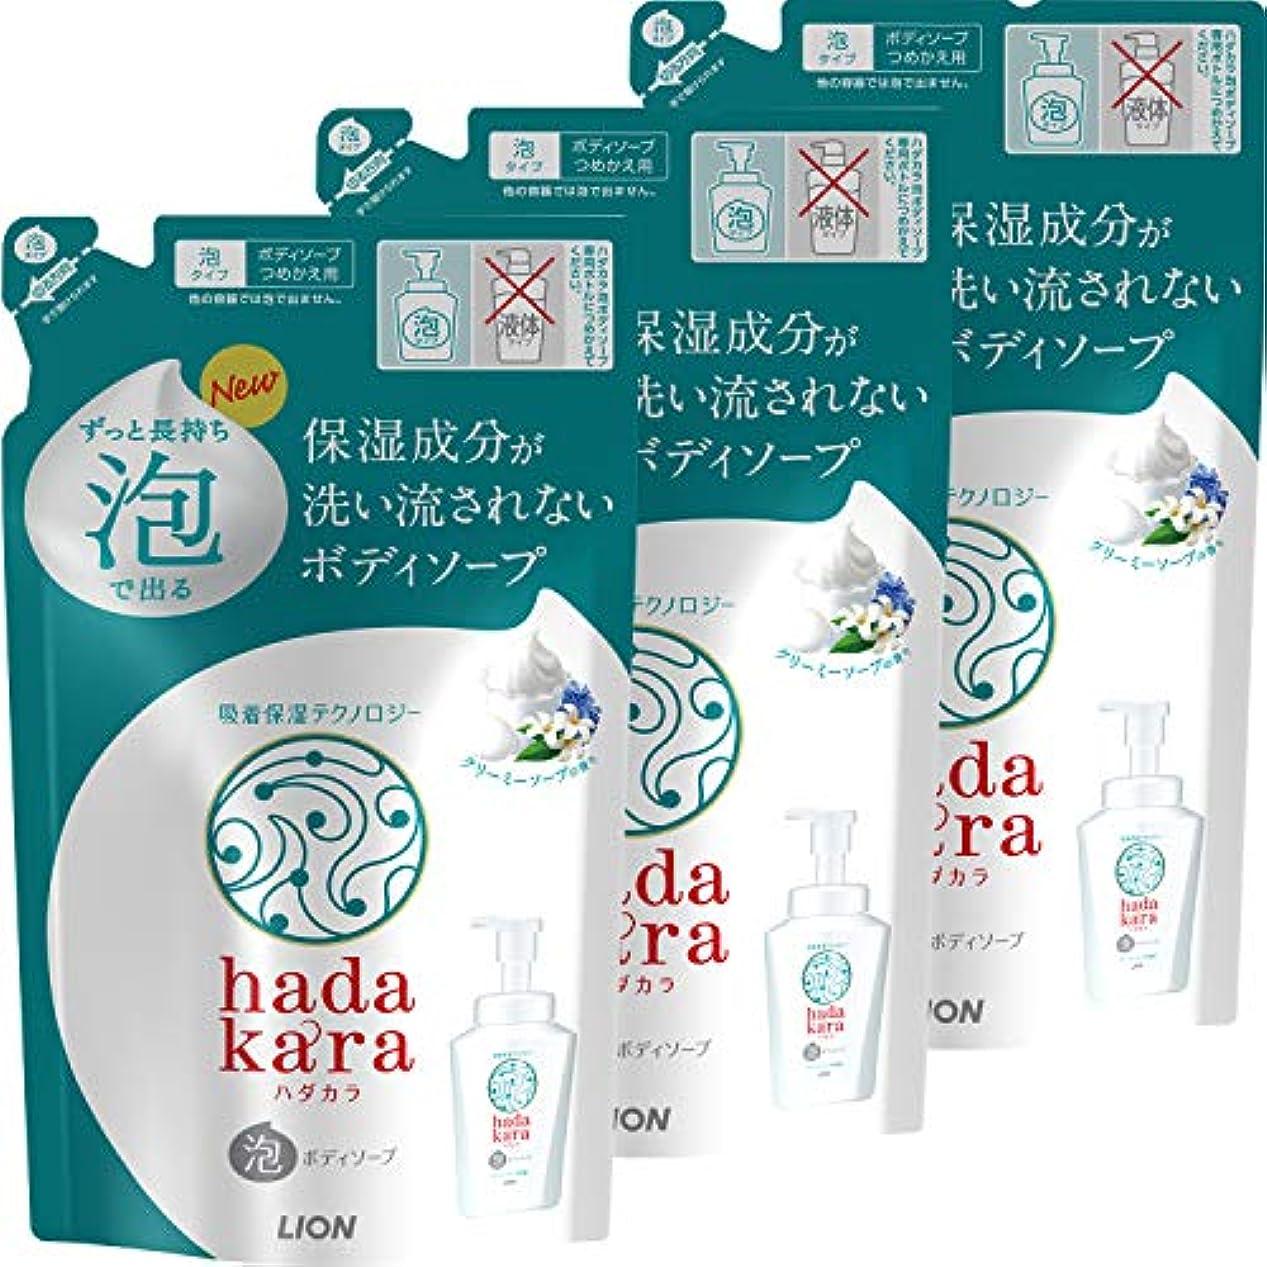 ピアニストさらに冷酷なhadakara(ハダカラ) ボディソープ 泡タイプ クリーミーソープの香り 詰替440ml×3個